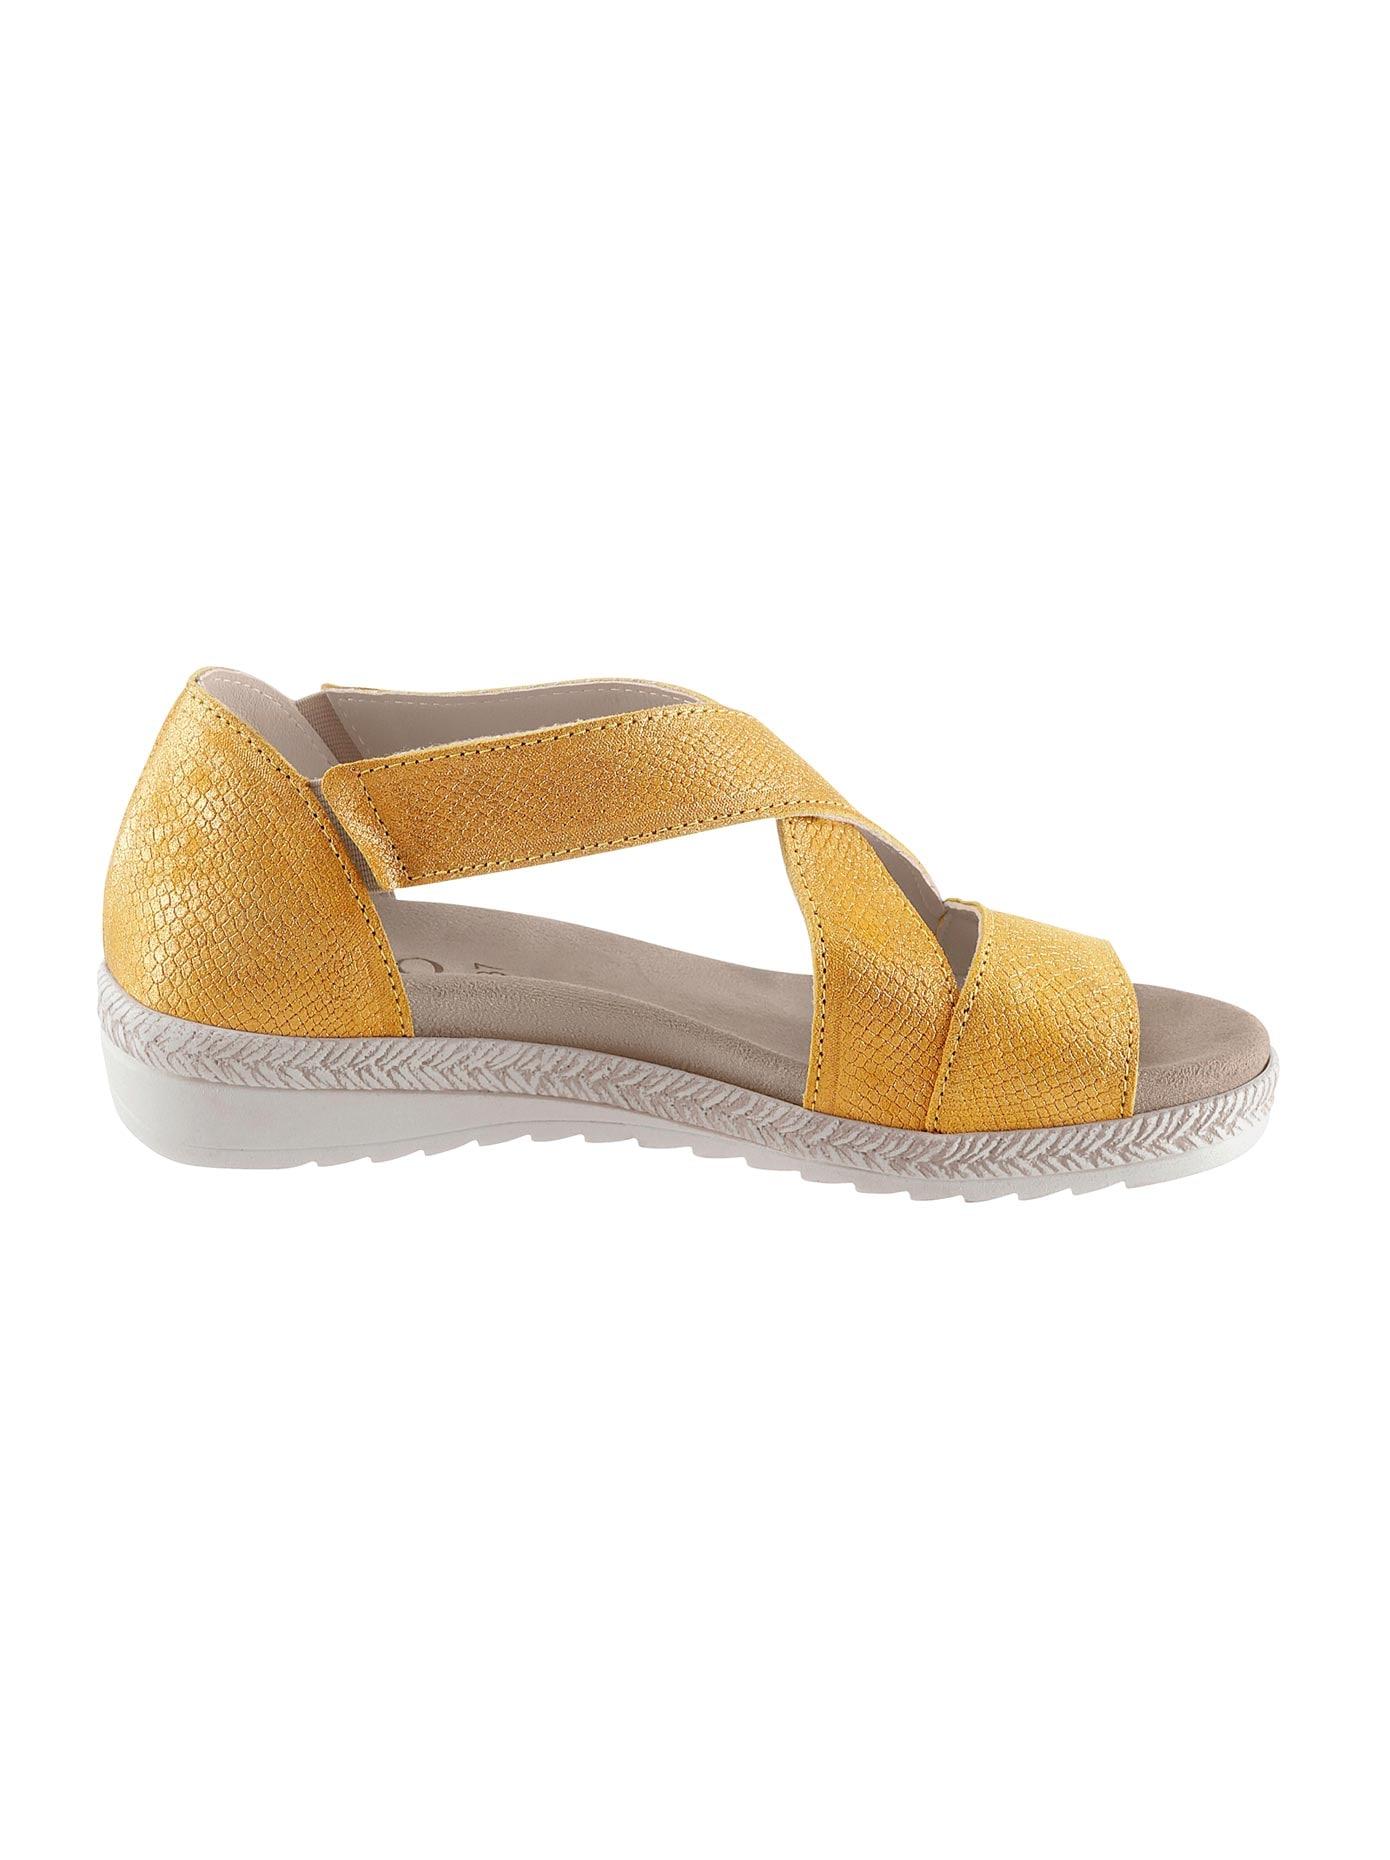 Aco Sandalette gelb Damen Sandaletten Sandalen